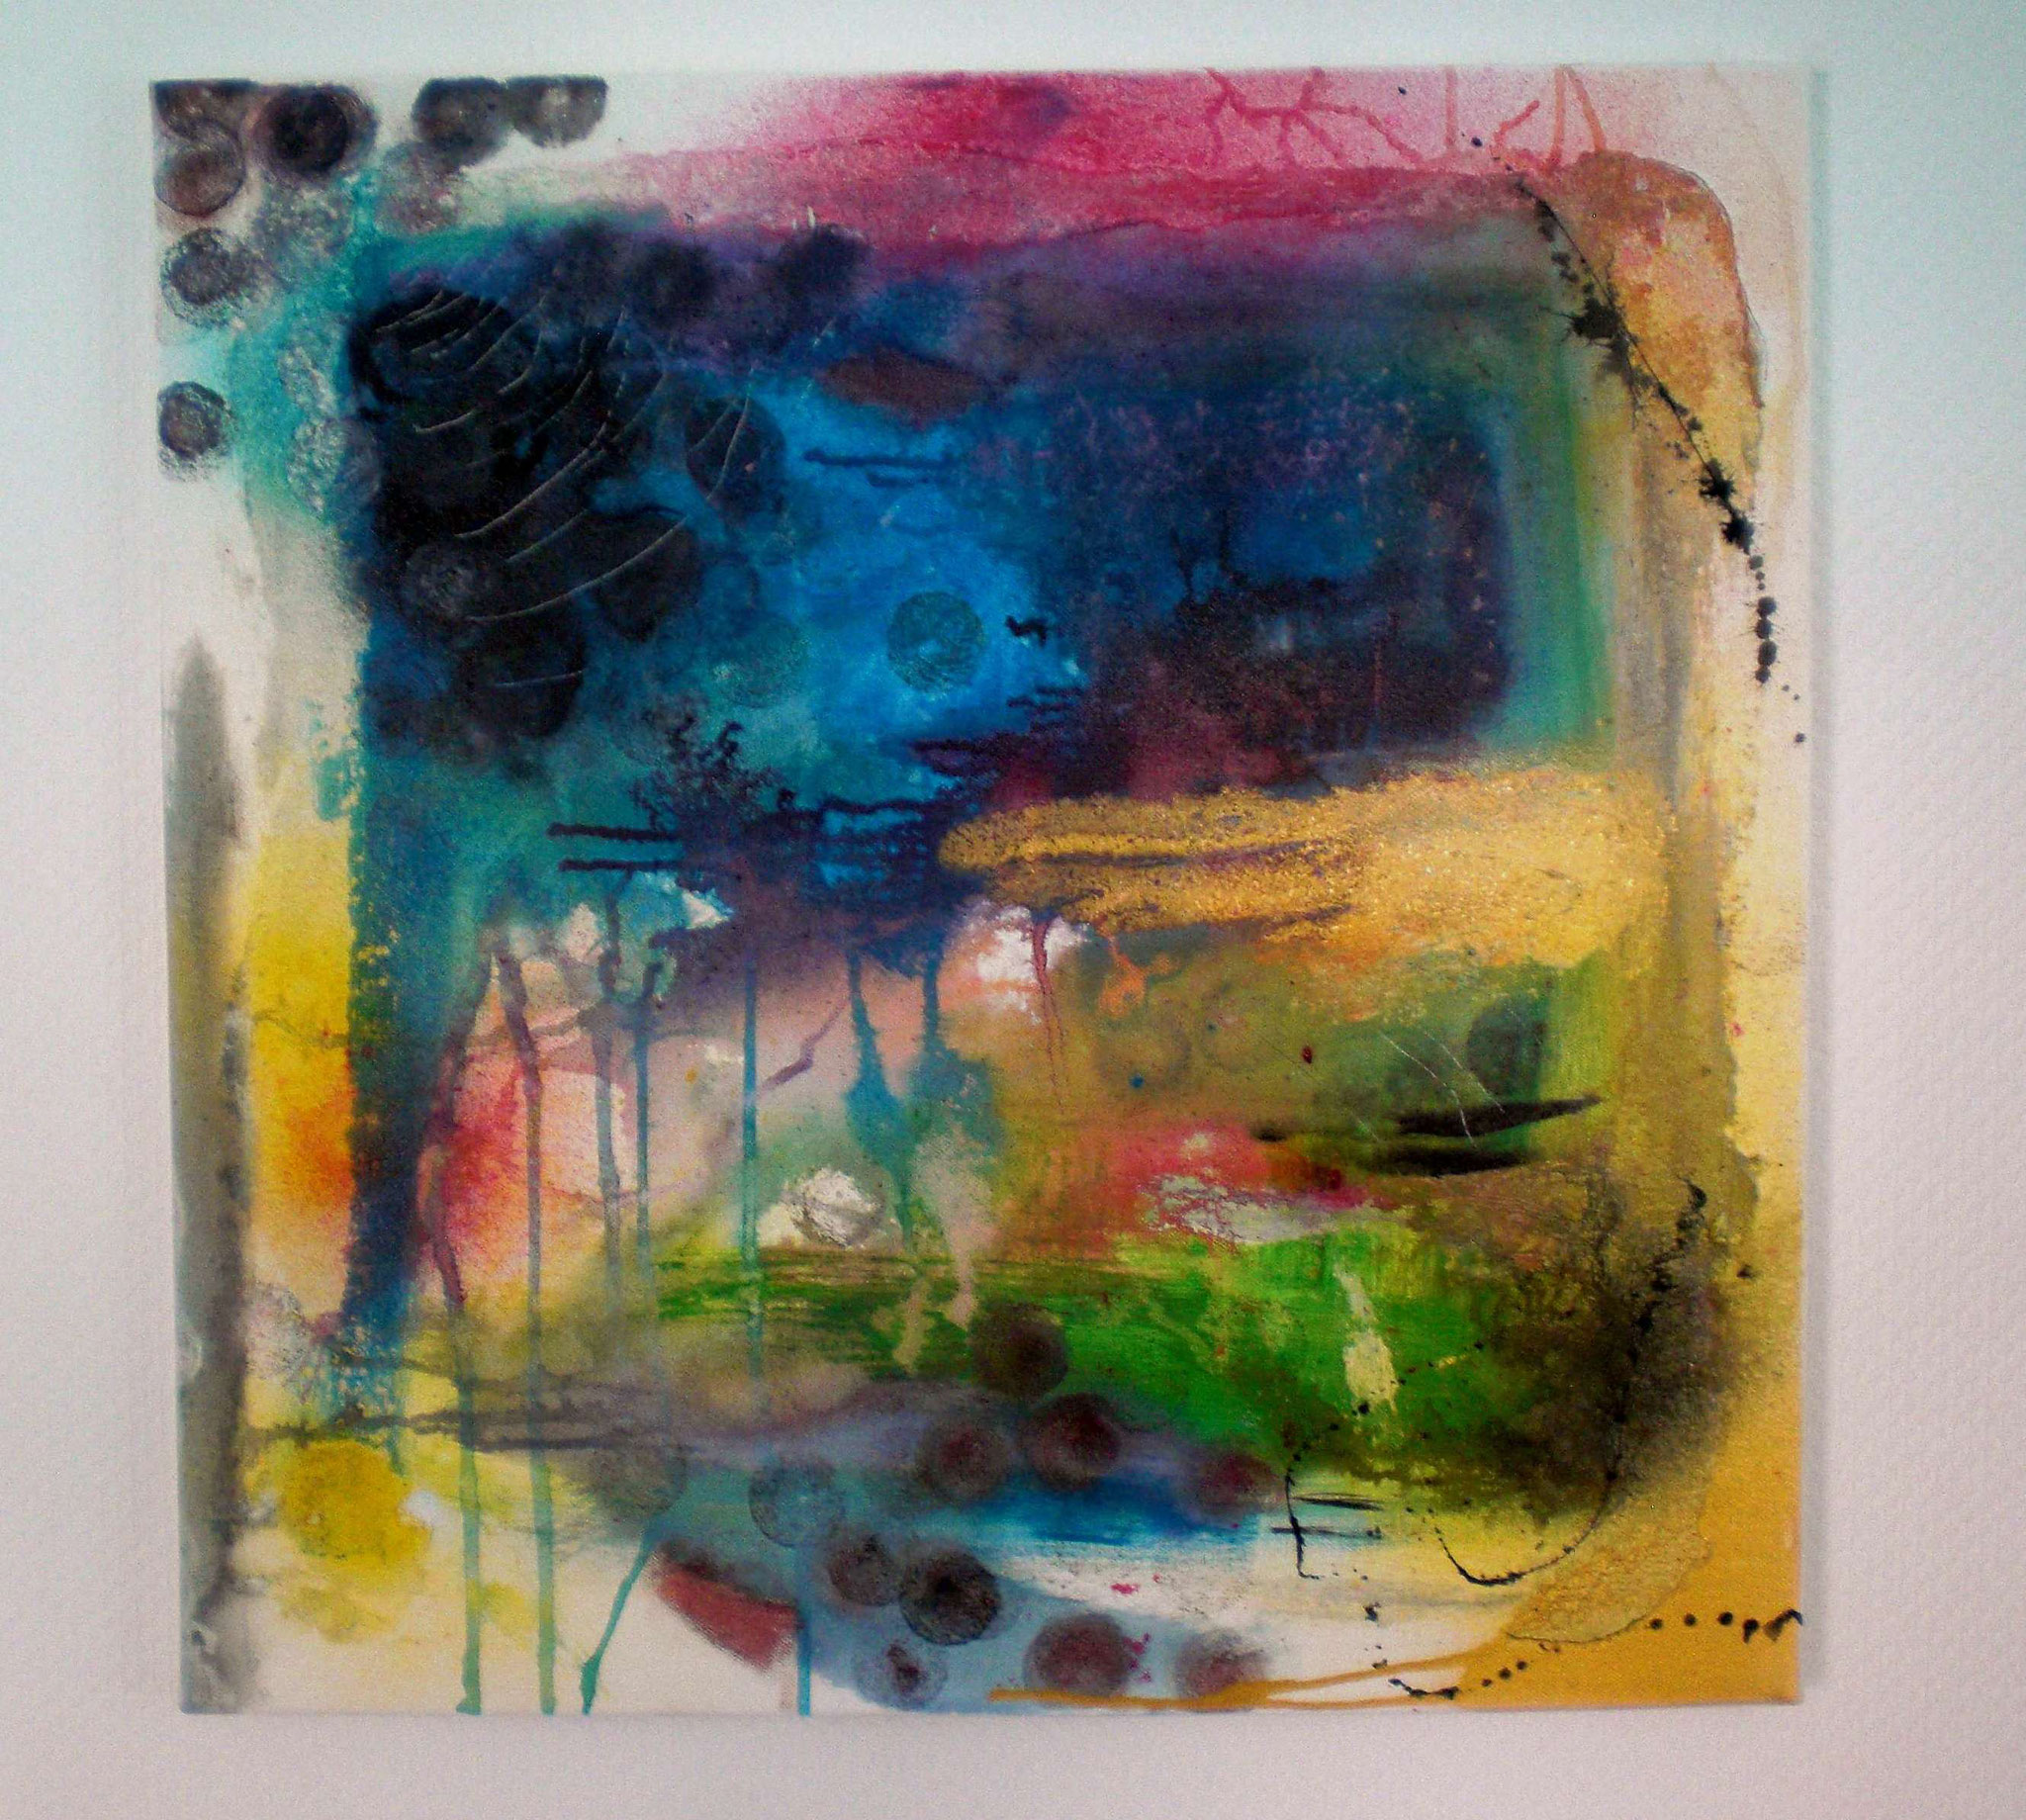 AbstractArt (60x60x1,5)